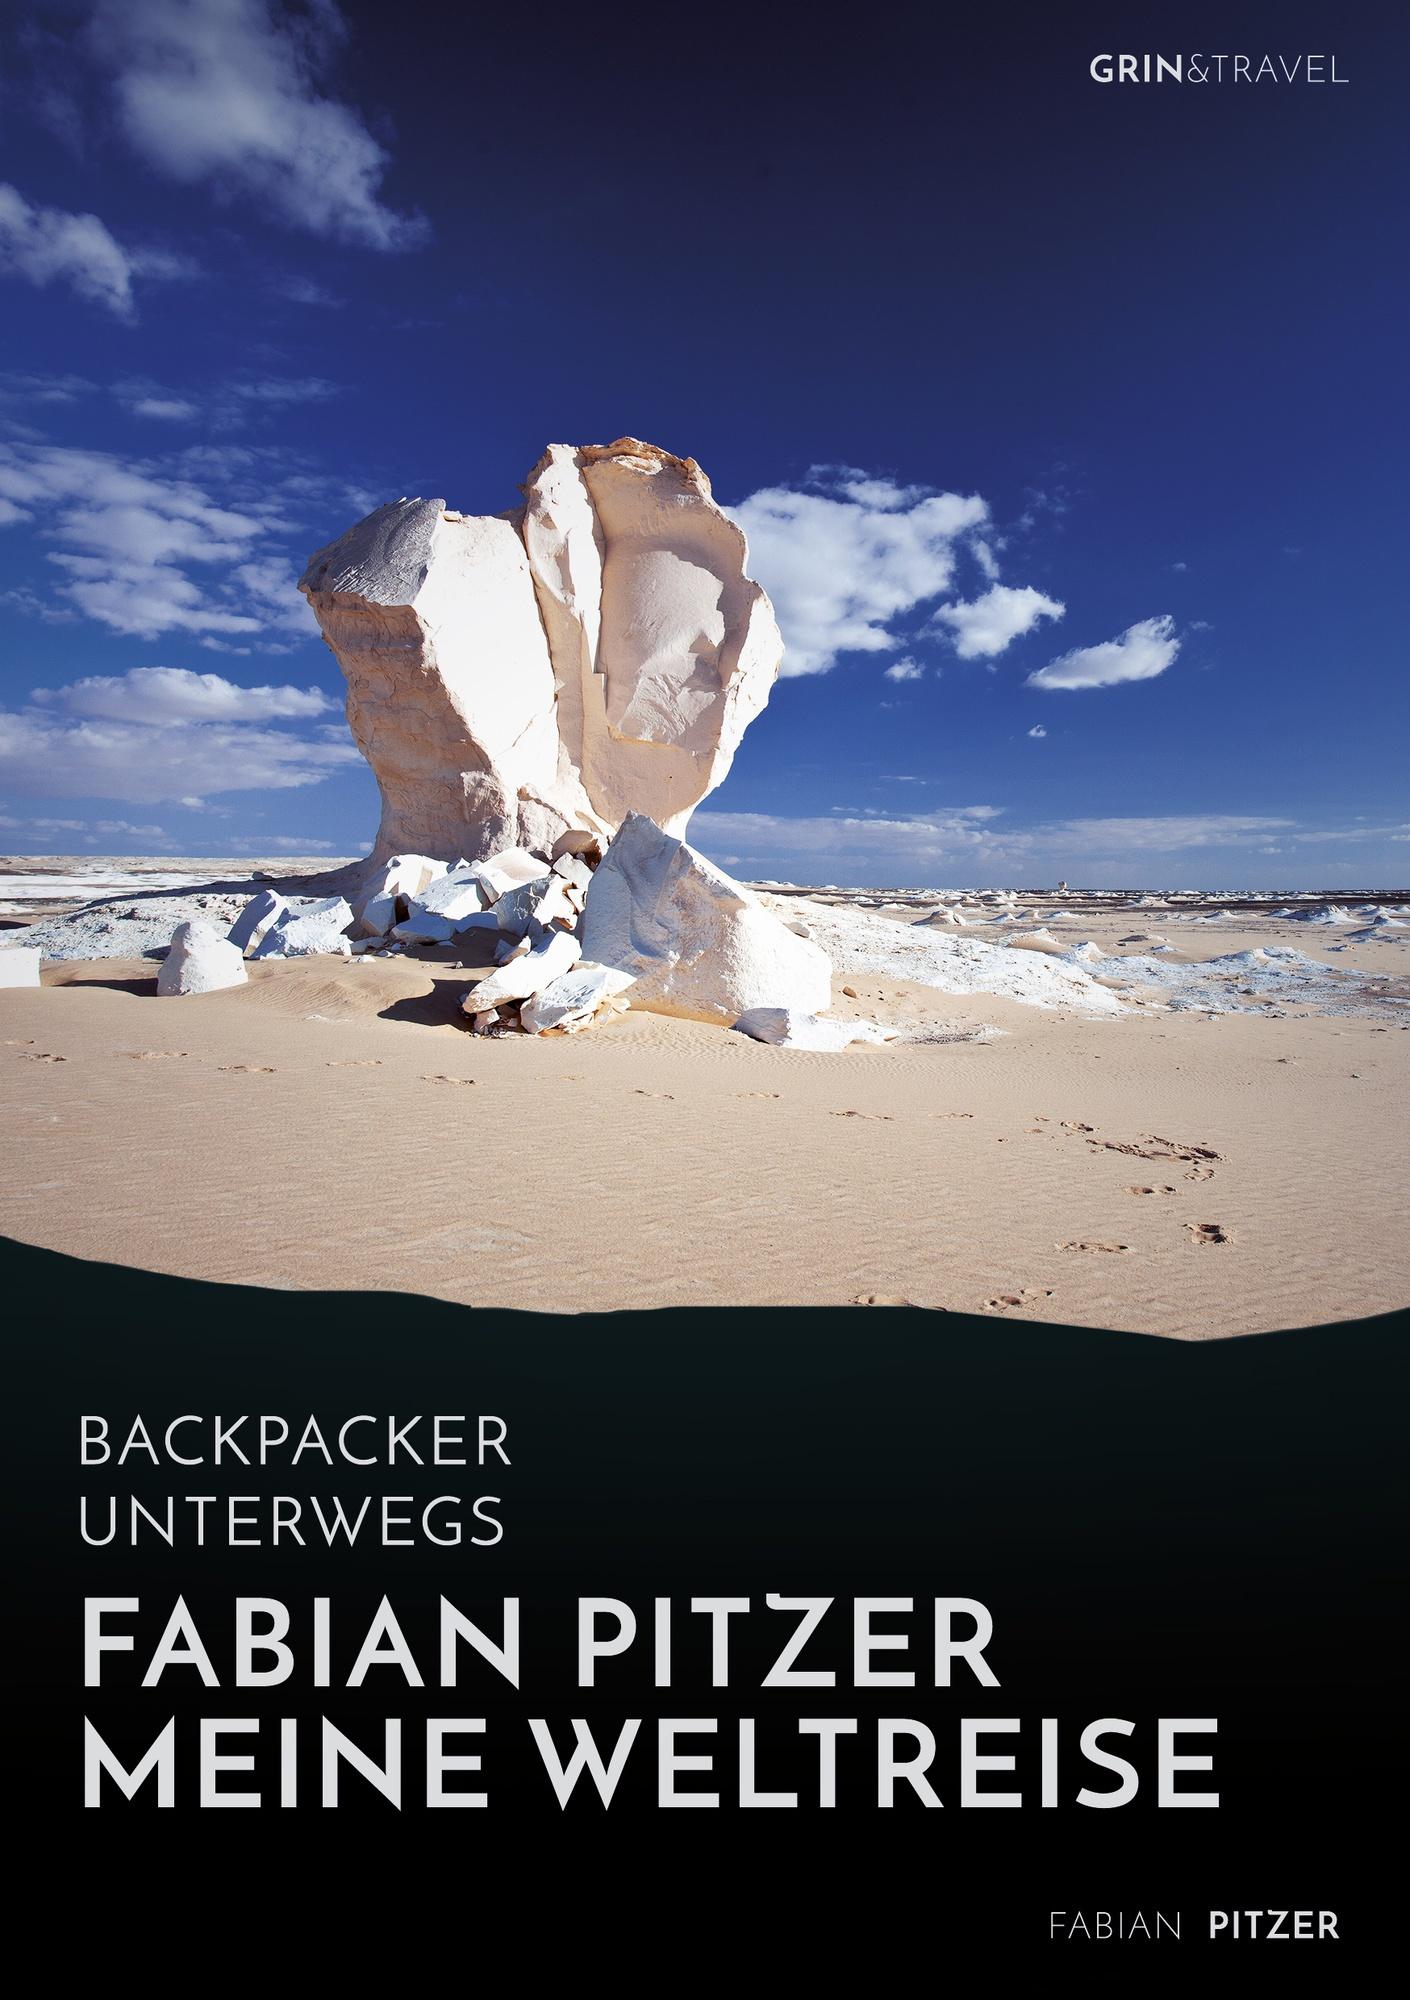 Titel: Backpacker unterwegs: Fabian Pitzer - Meine Weltreise: Reiseabenteuer aus Arabien, Asien und Mexiko